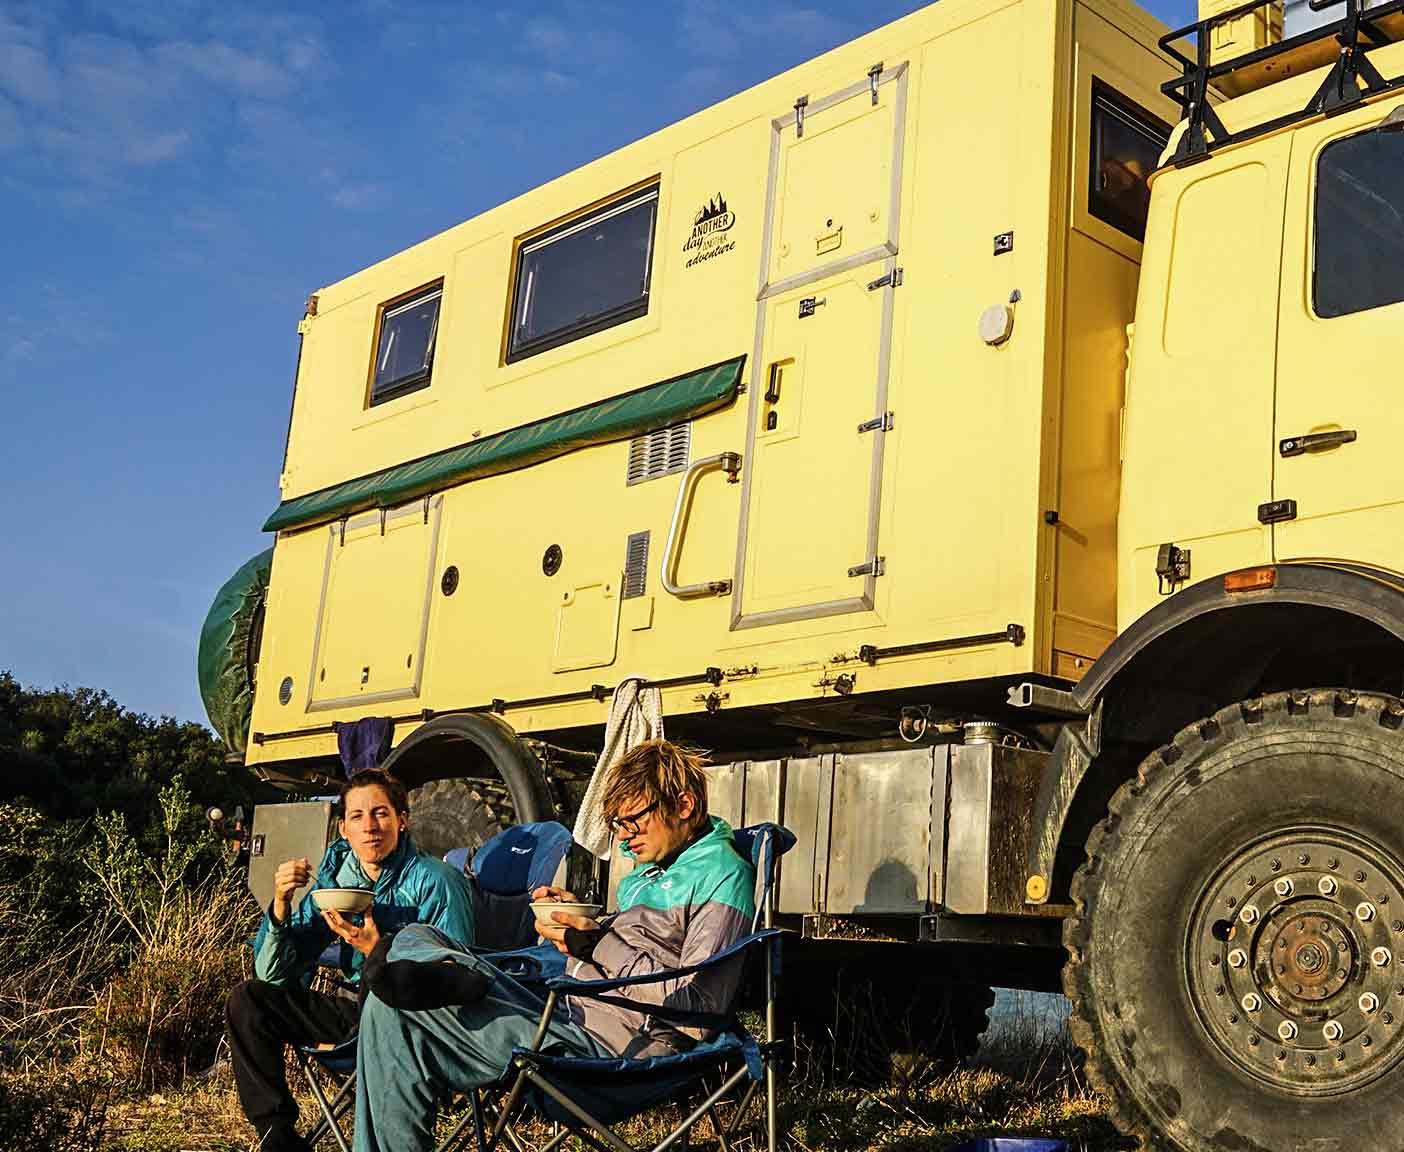 mercedes-1622-benz1017-expeditionsmobil-gebraucht-hersteller-mieten-4x4-zu-verkaufen-weltreise-expeditionsmobil-11